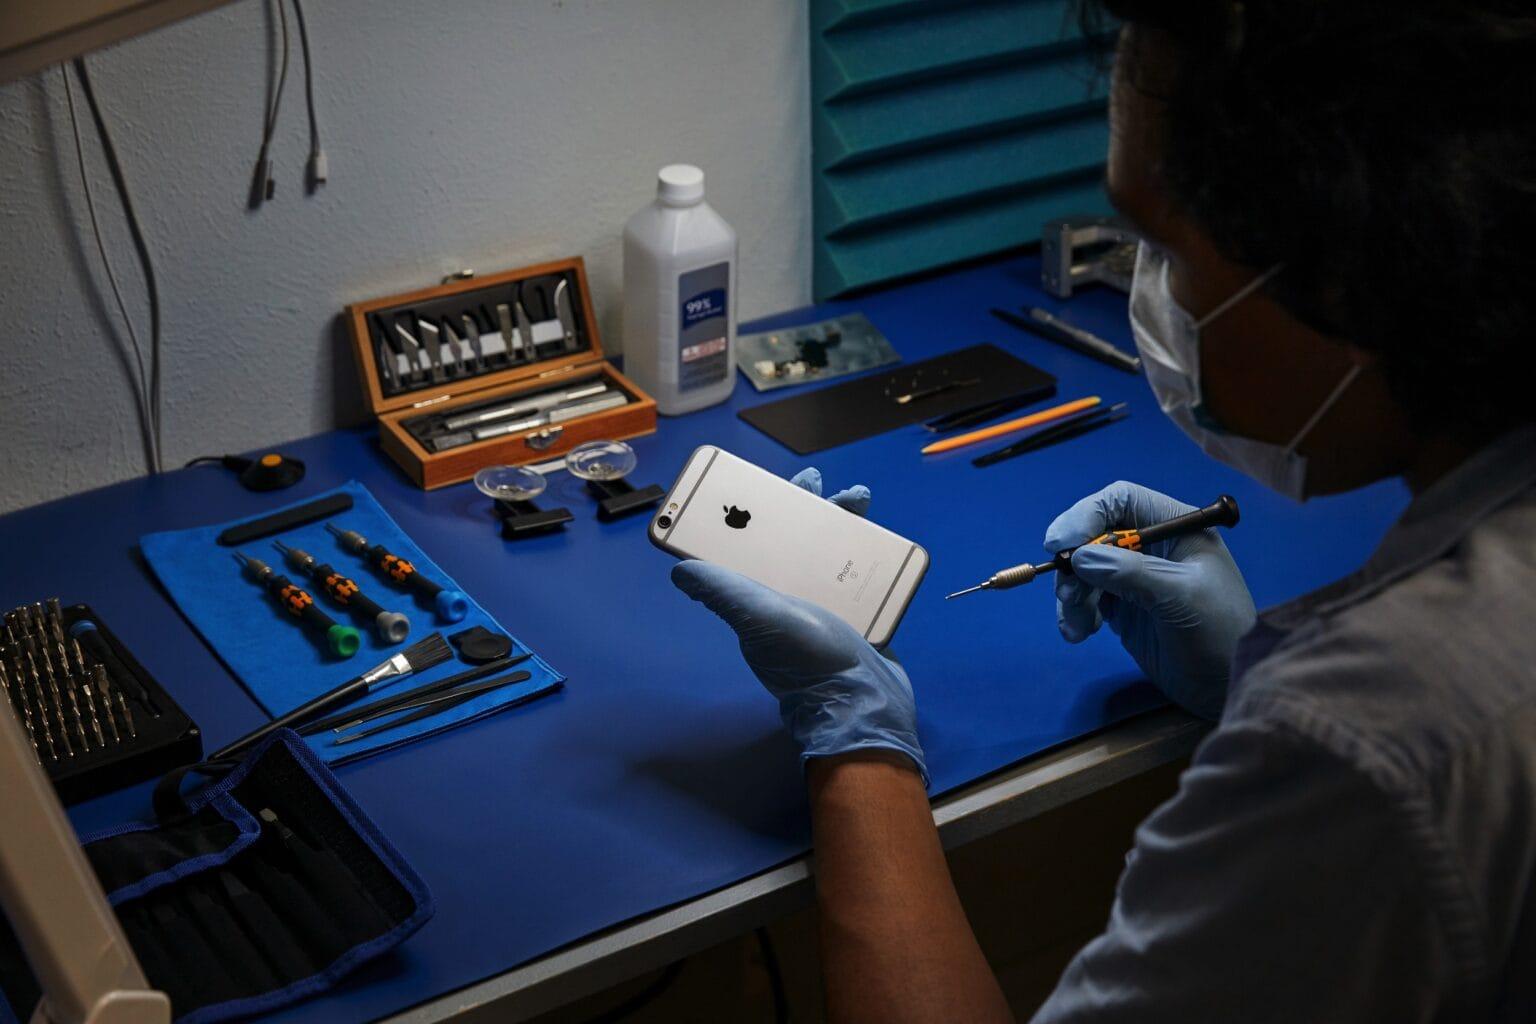 Apple repair program